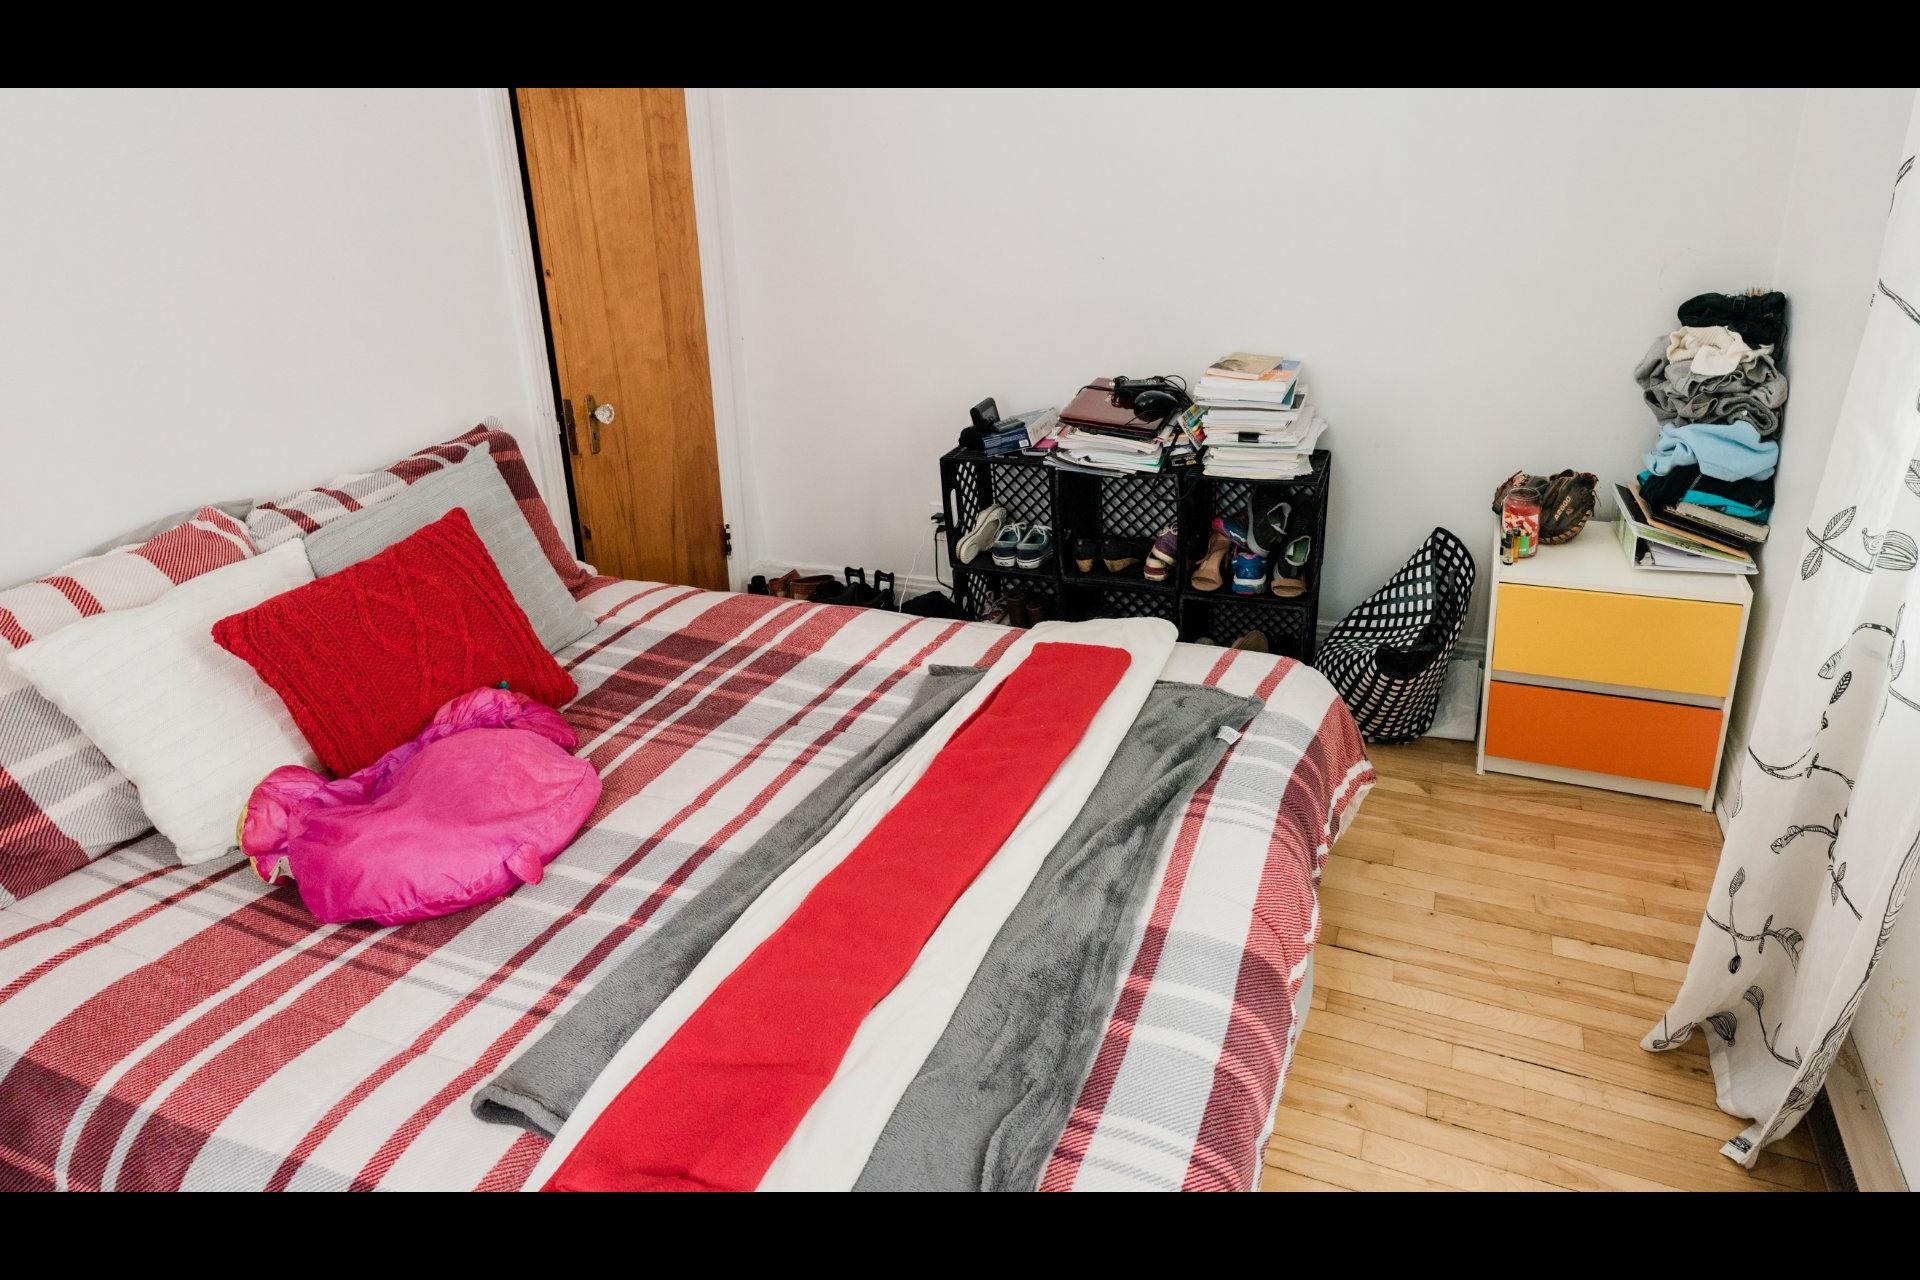 image 14 - Duplex À vendre Villeray/Saint-Michel/Parc-Extension Montréal  - 4 pièces